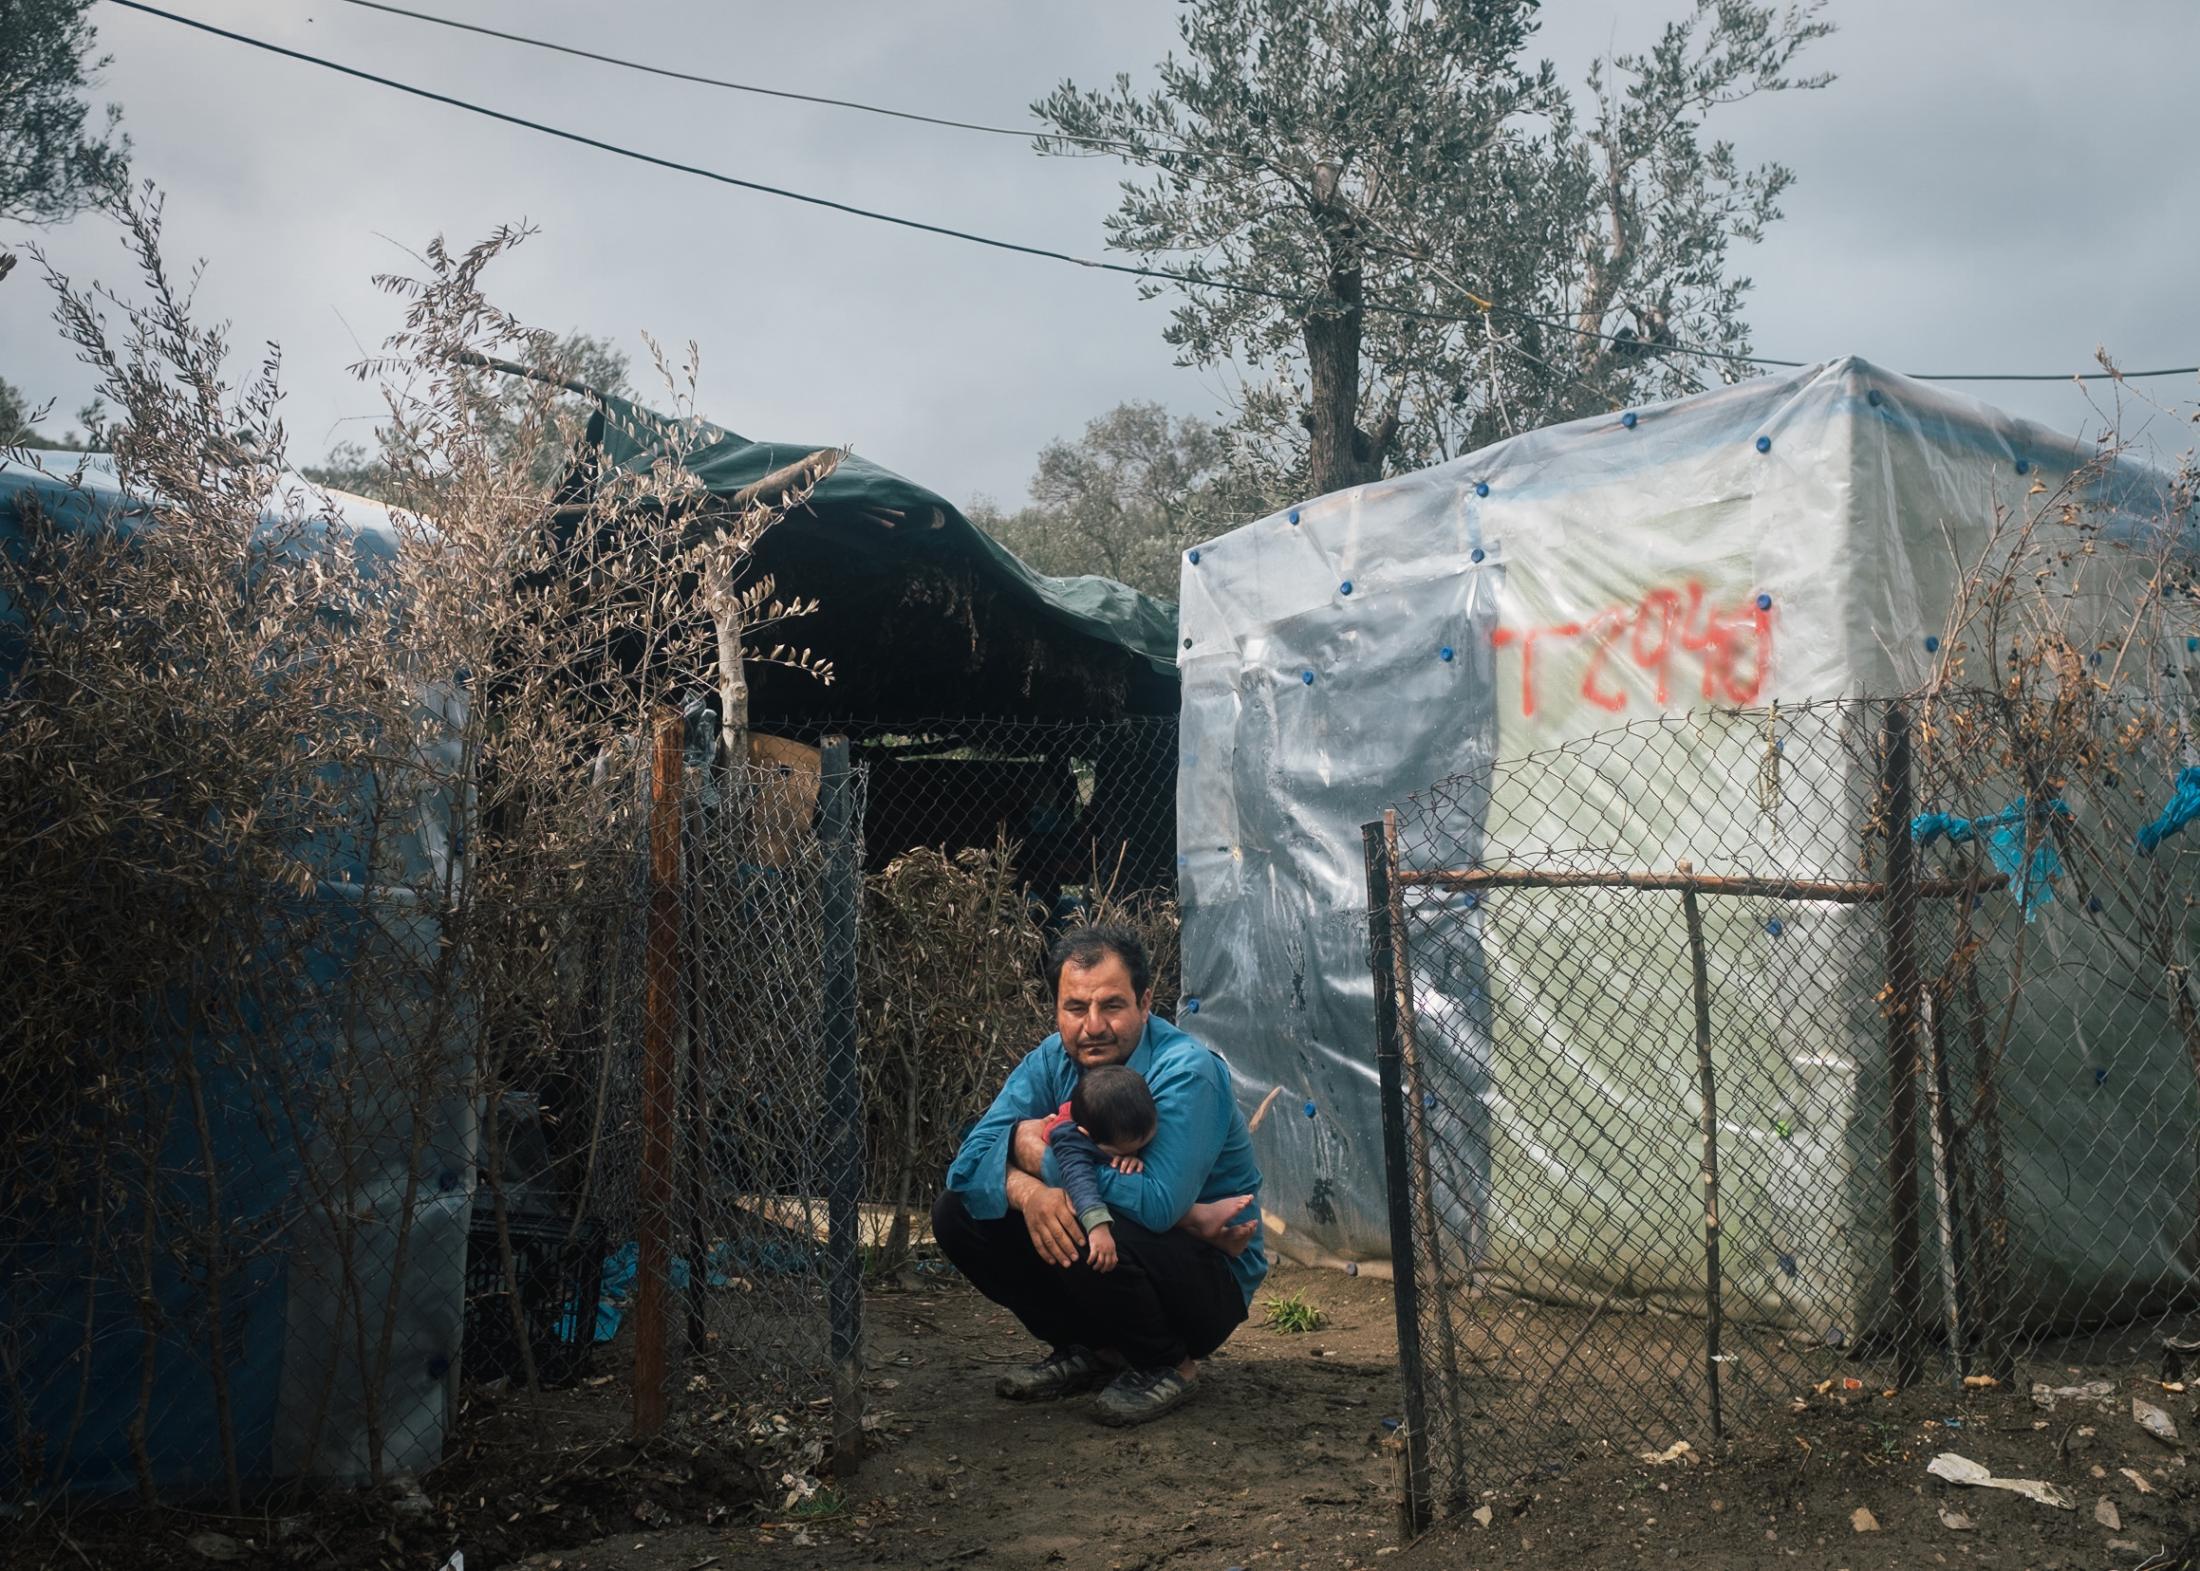 Das Flüchtlingslager Moria auf der Insel Lesbos ist mit knapp 21.000 Geflüchteten das größte Camp Europas. // NAZIF aus Kunduz mit Familie am Morgen nach ein durchregneten Nacht.